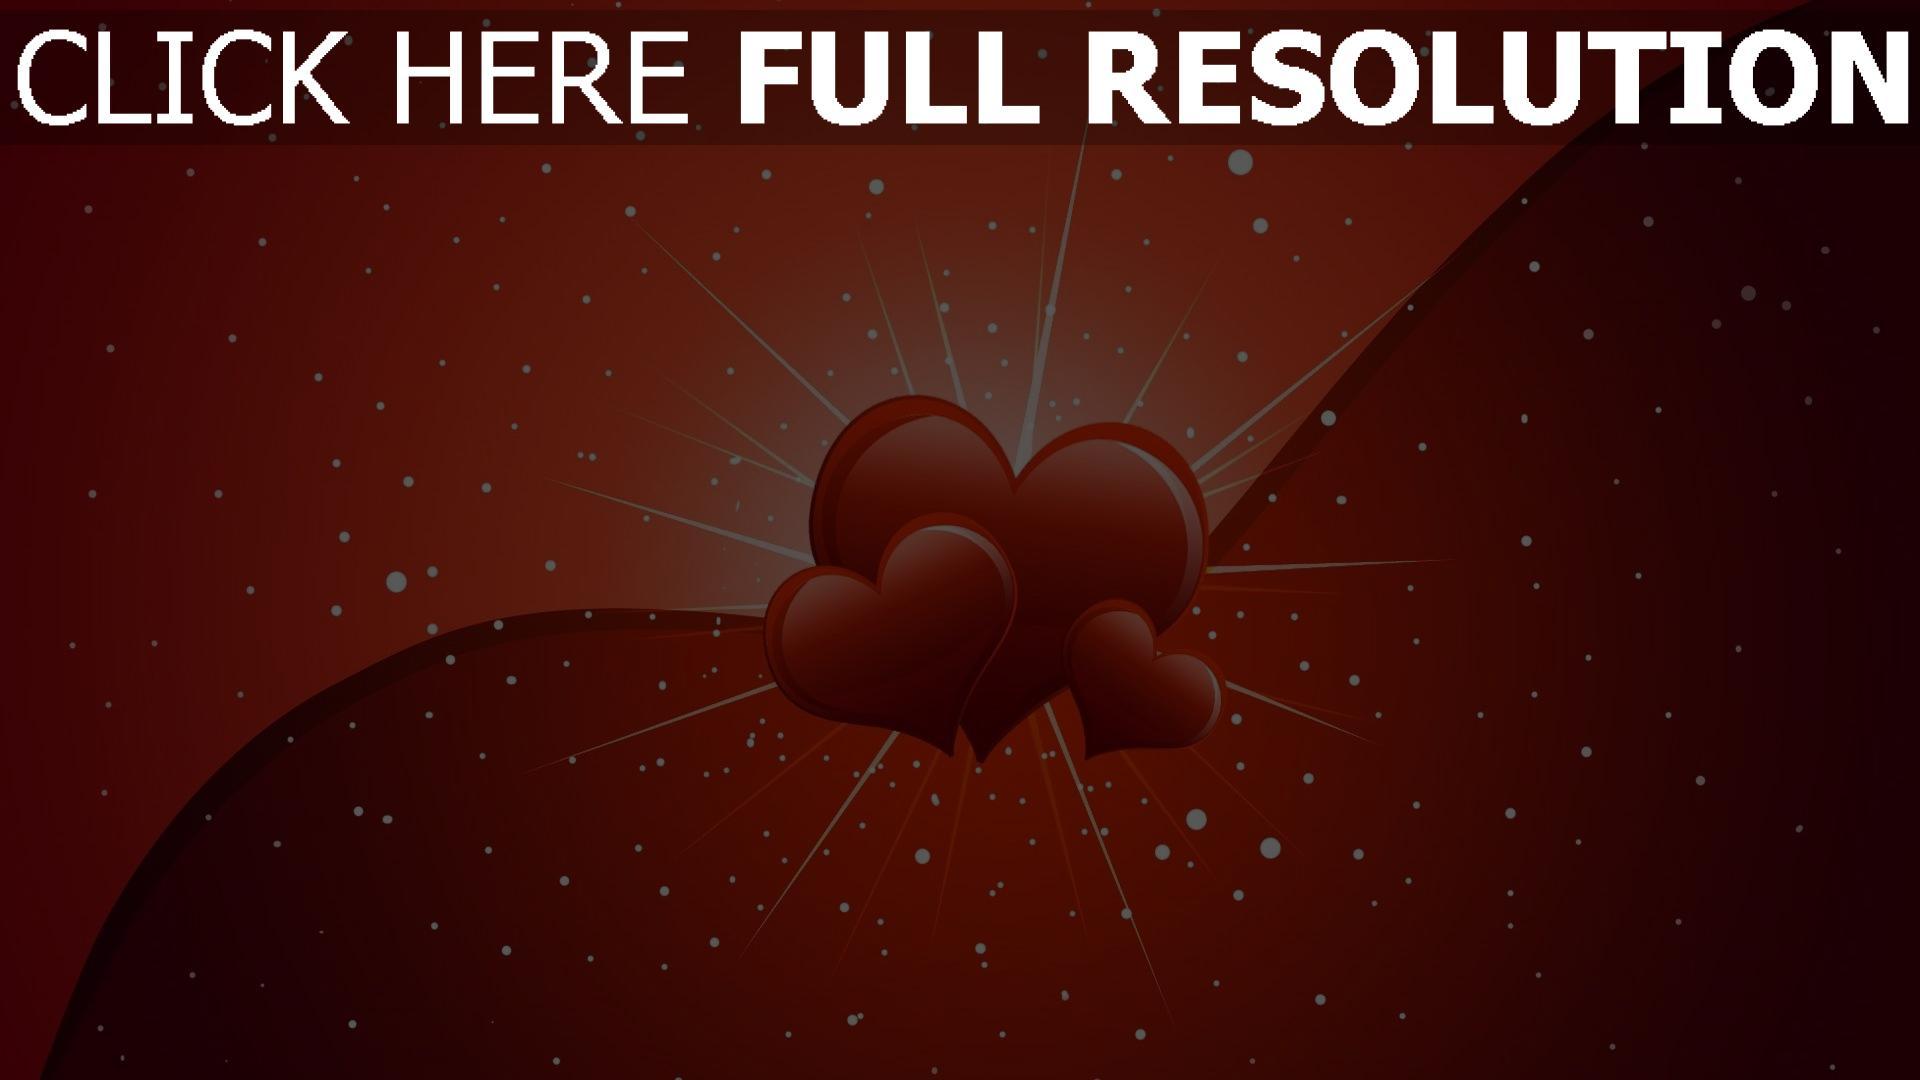 Herunterladen 1920x1080 Full Hd Hintergrundbilder Valentinstag